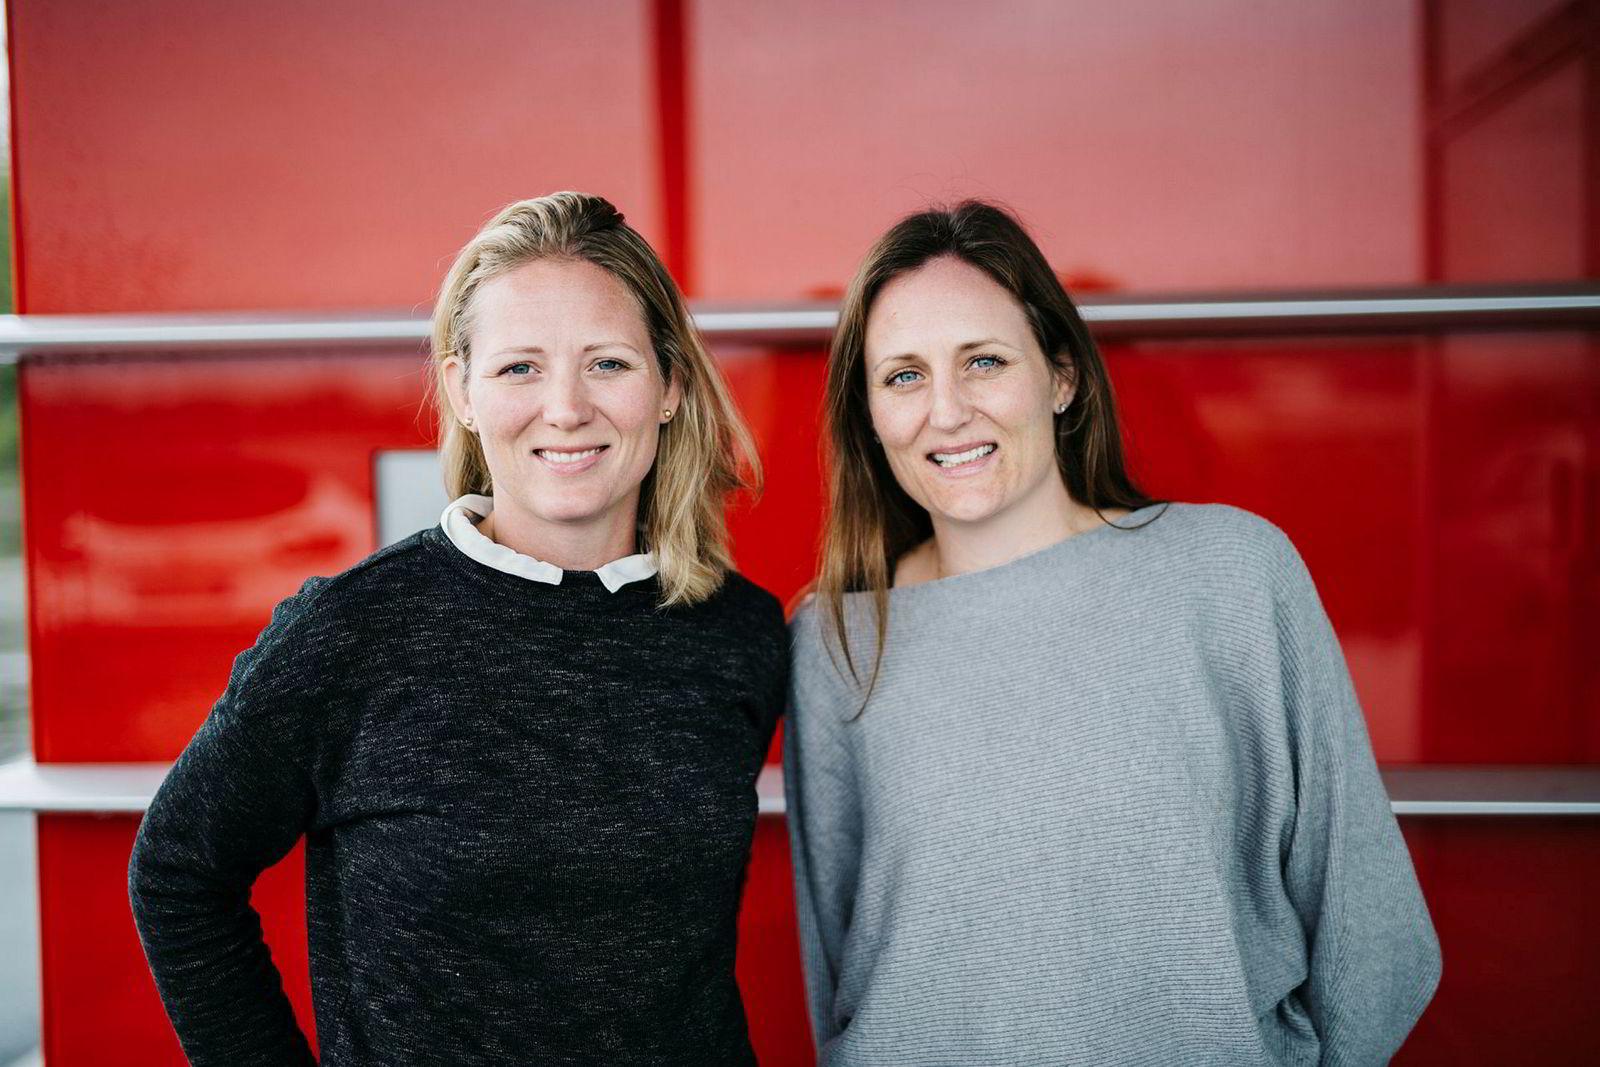 – Forbrukeren fortjener noe mer å velge mellom, sier daglig leder Jannike Isachsen i Mere Mat til høyre. Ved hennes side står søster og styreleder Elisabeth I. Rye-Florentz i selskapet.